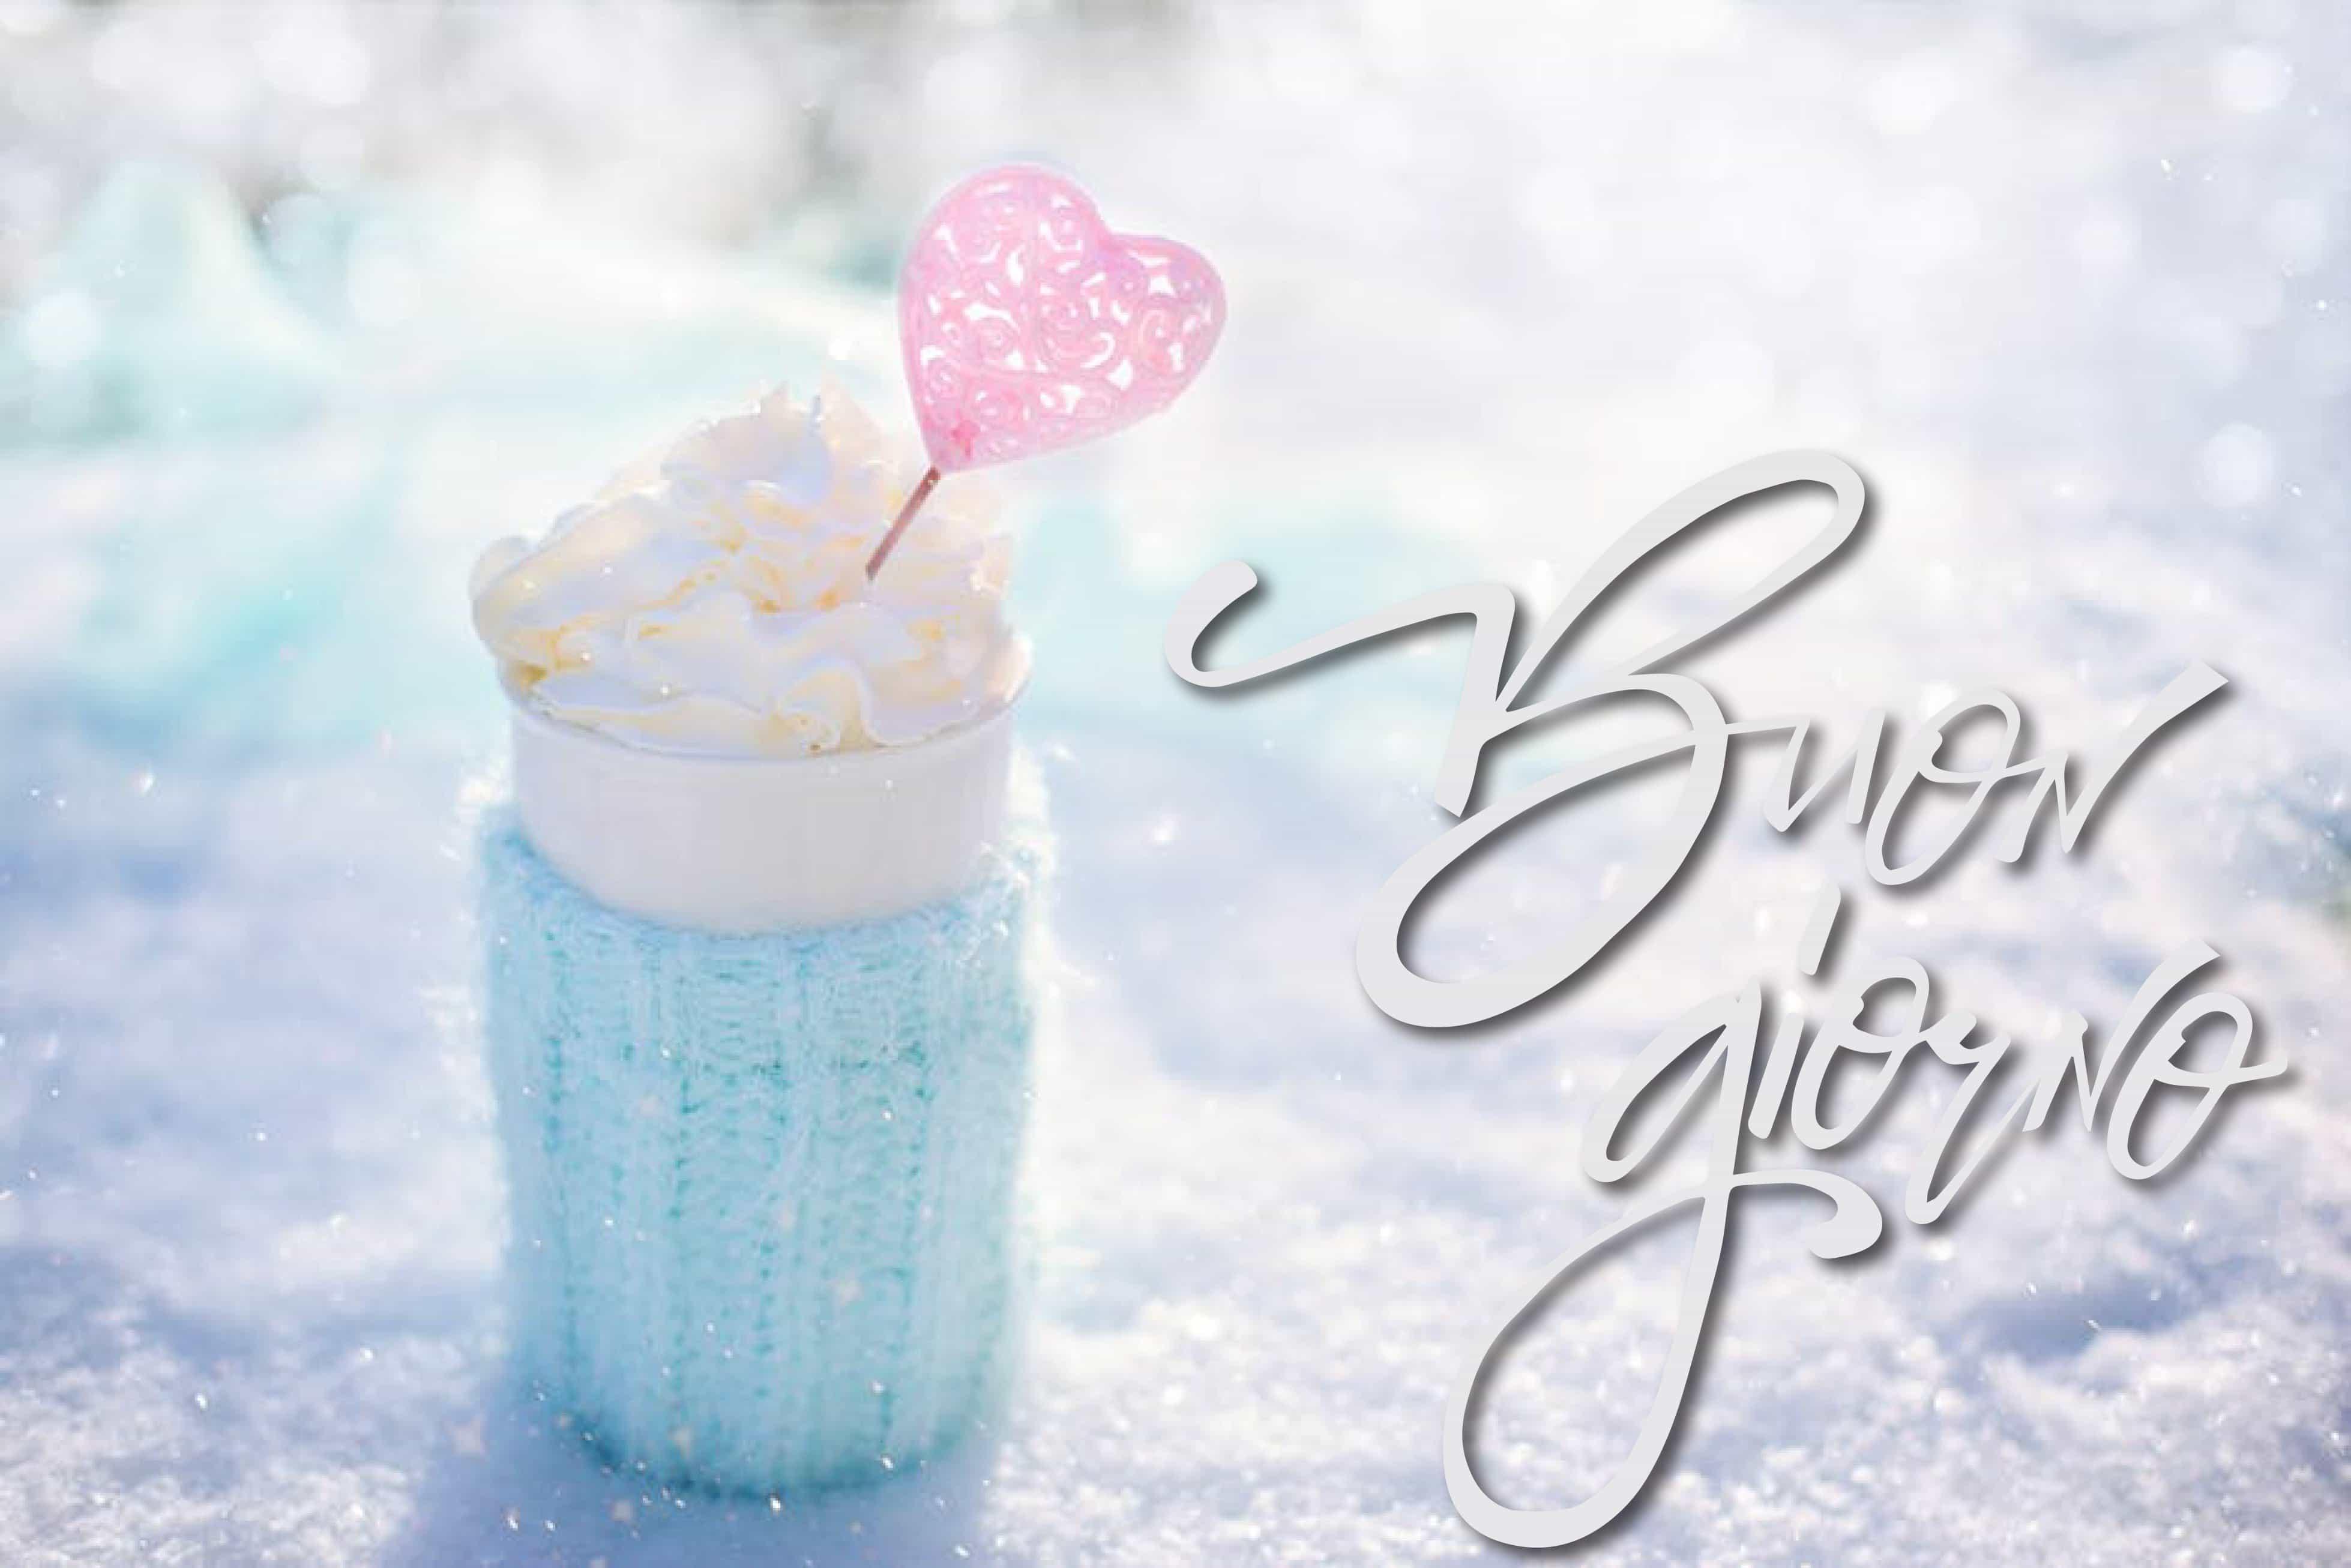 Buon giorno con neve foto invernale